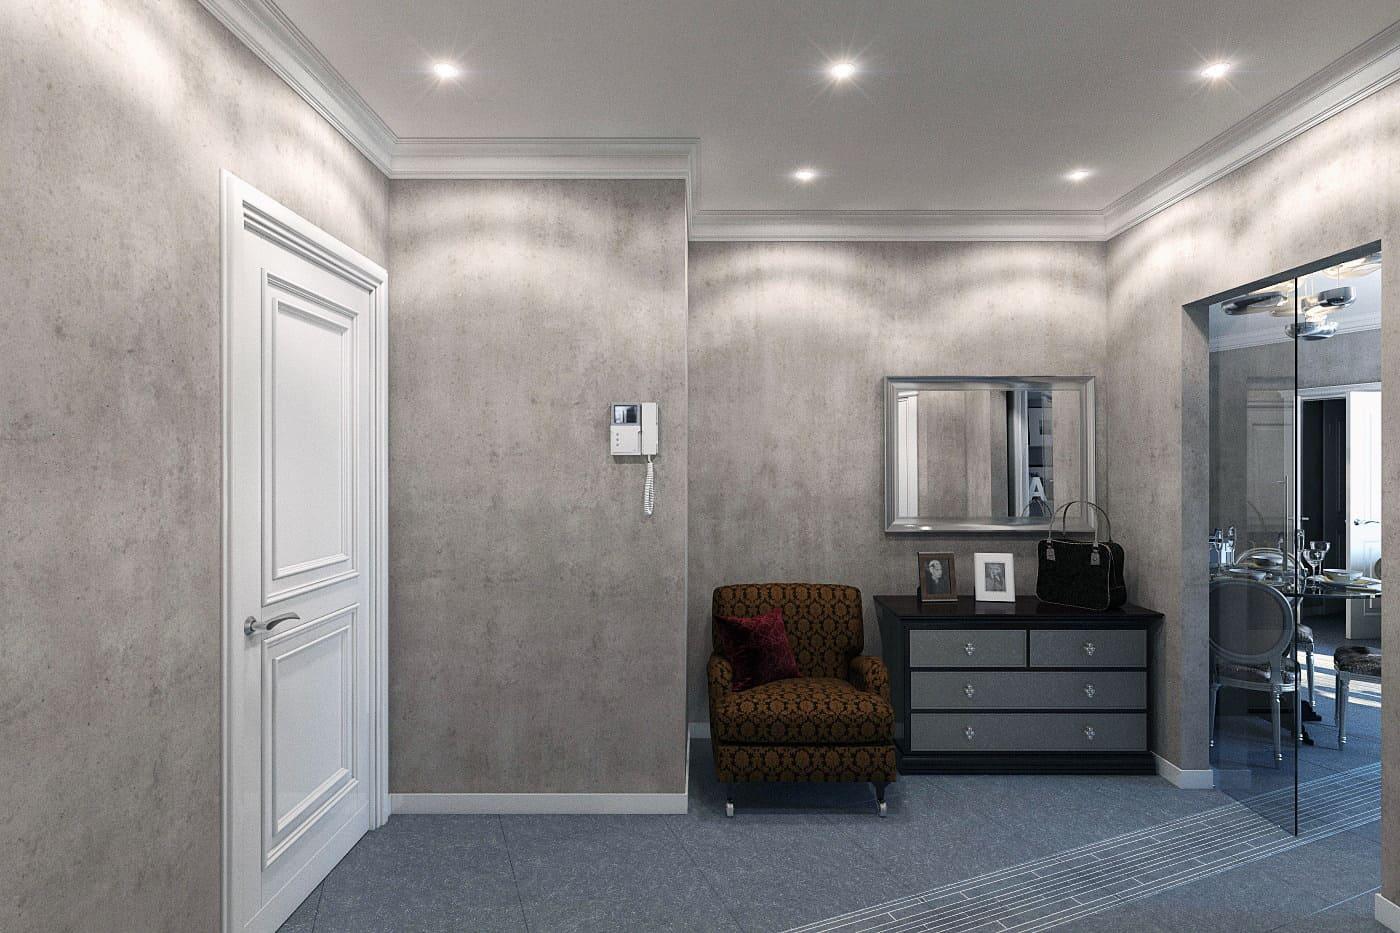 Декоративная штукатурка - лучшие красивые варианты отделки стен в интерьере 133